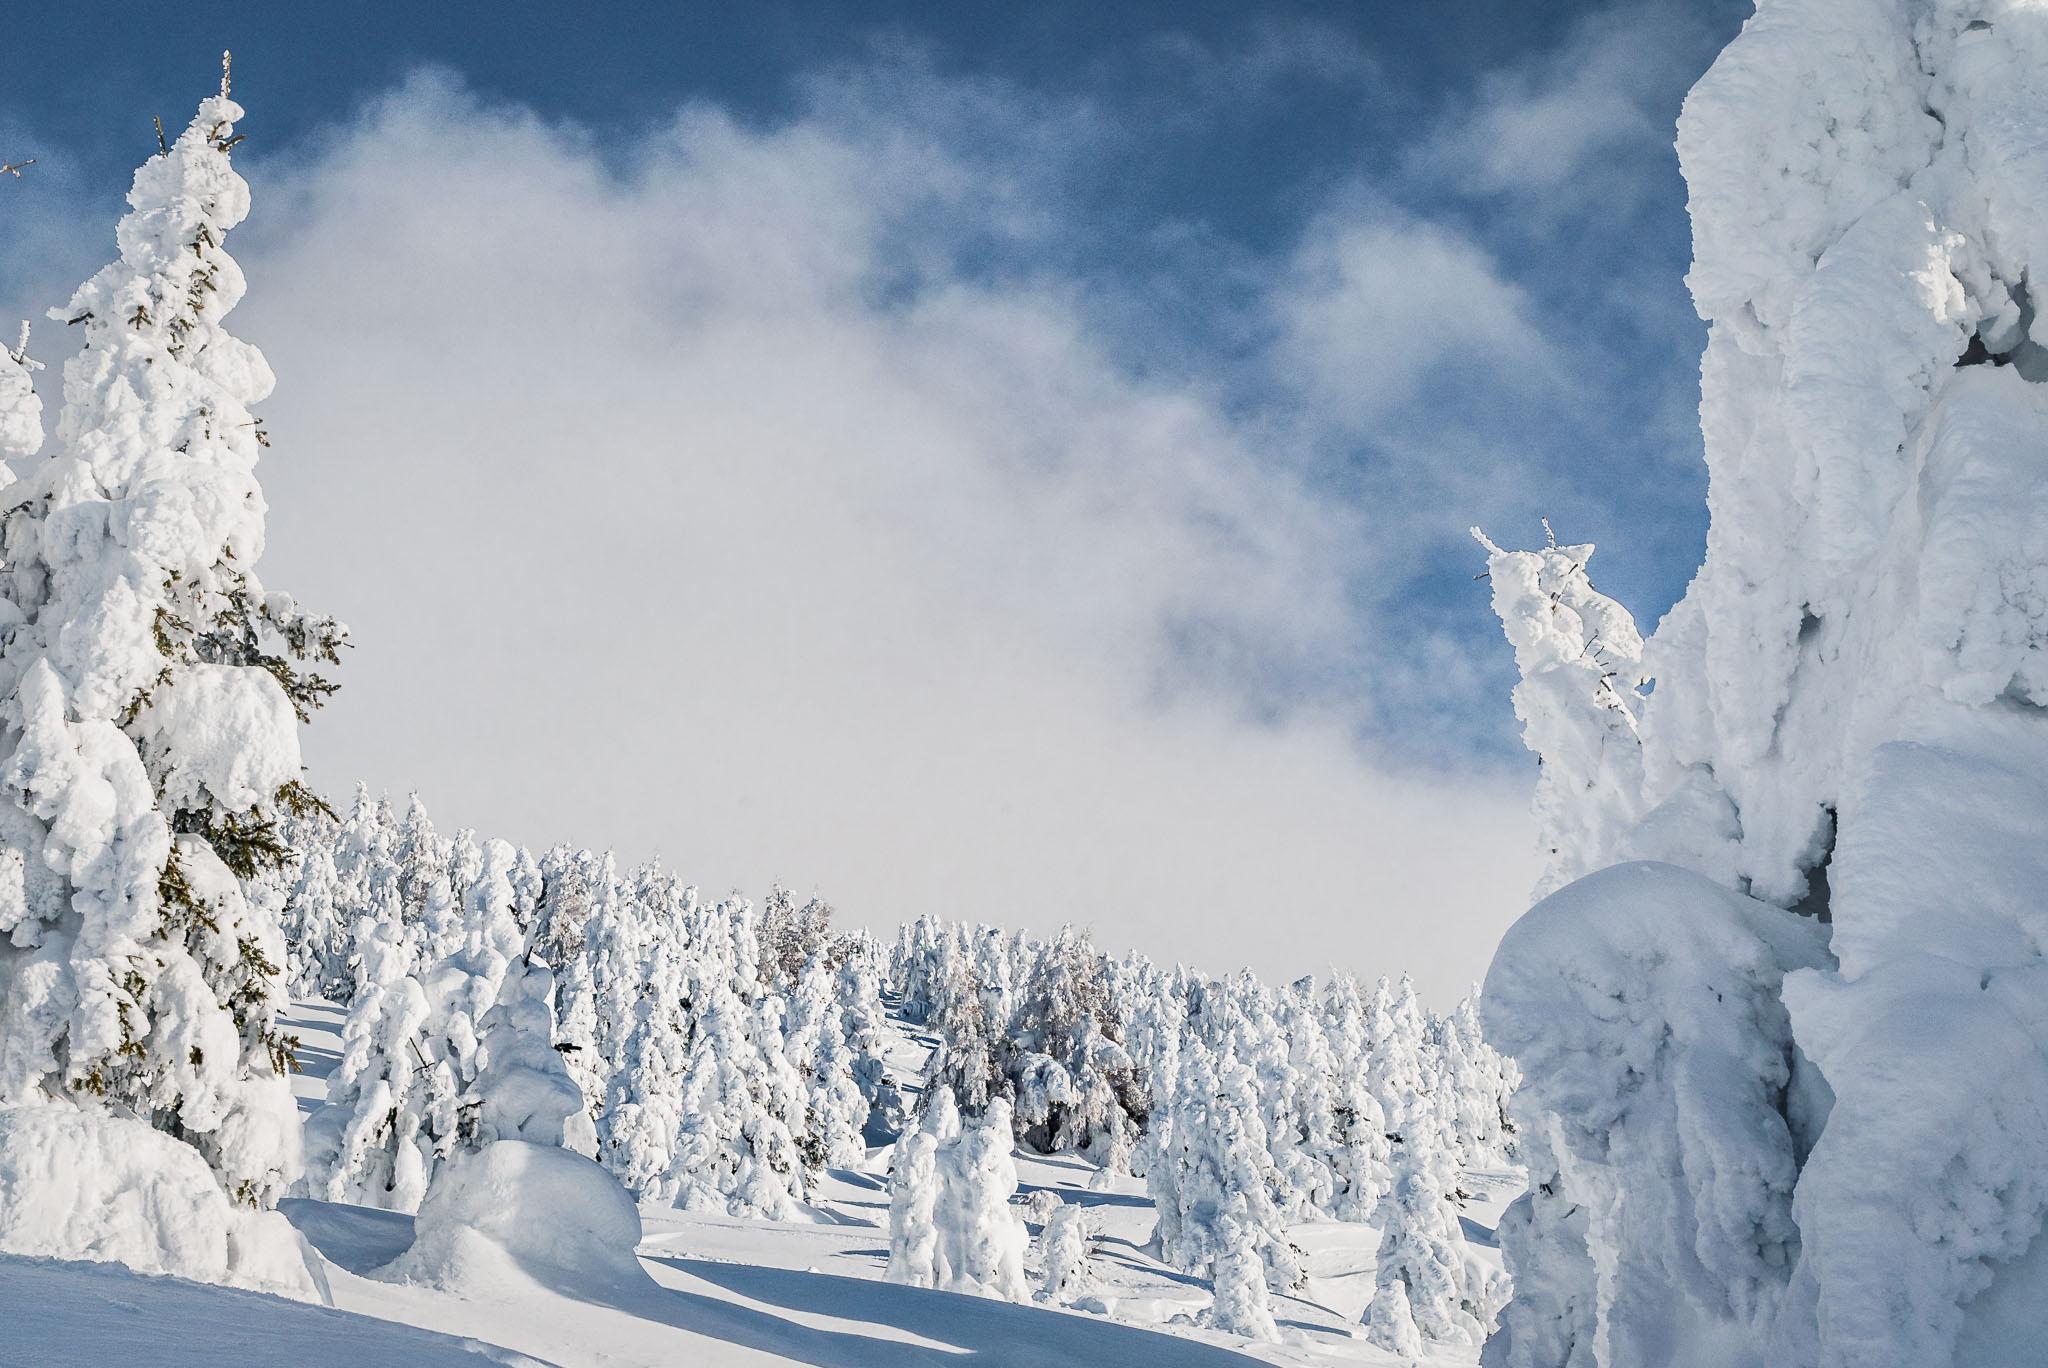 Direkt neben bzw. oberhalb des Parks befindet sich ein Feld, dass sich bei Schneefall in ein Traumland verwandelt und viele Möglichkeiten für Jumps bereithält.